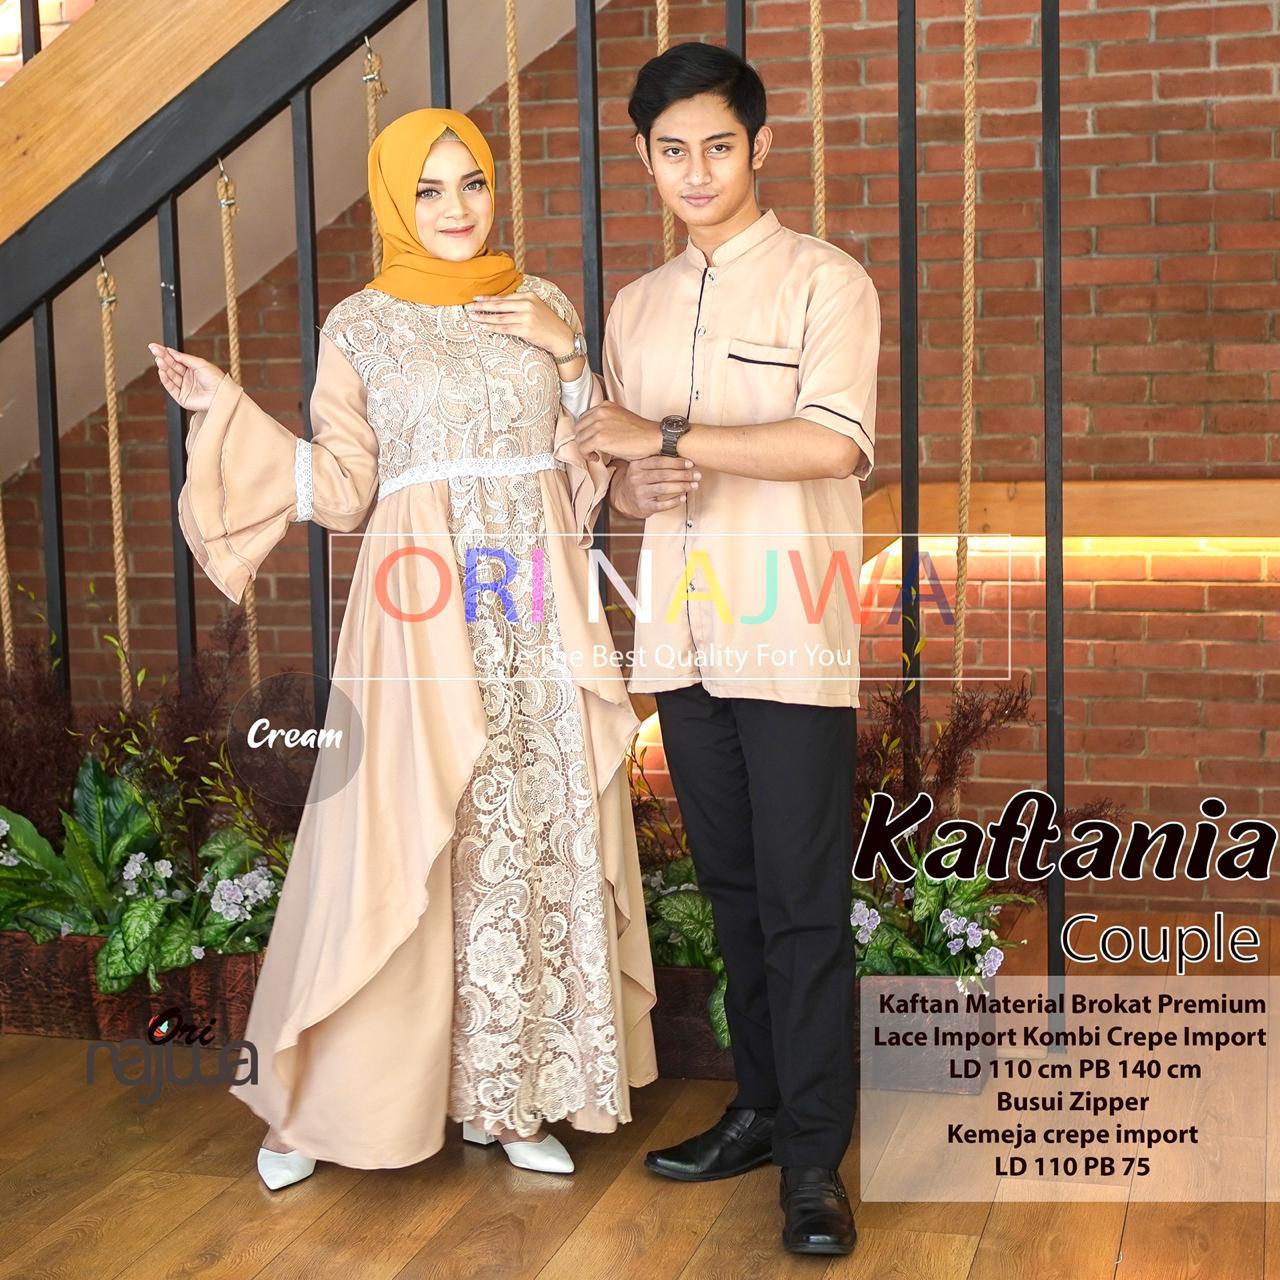 Dress Couple Kaftania Brokat Premium  Model Gamis Terbaru 9 Untuk  RemajaModel Baju dress Panjang EleganDress Baju Muslim Wanita  TerbaruSketsa